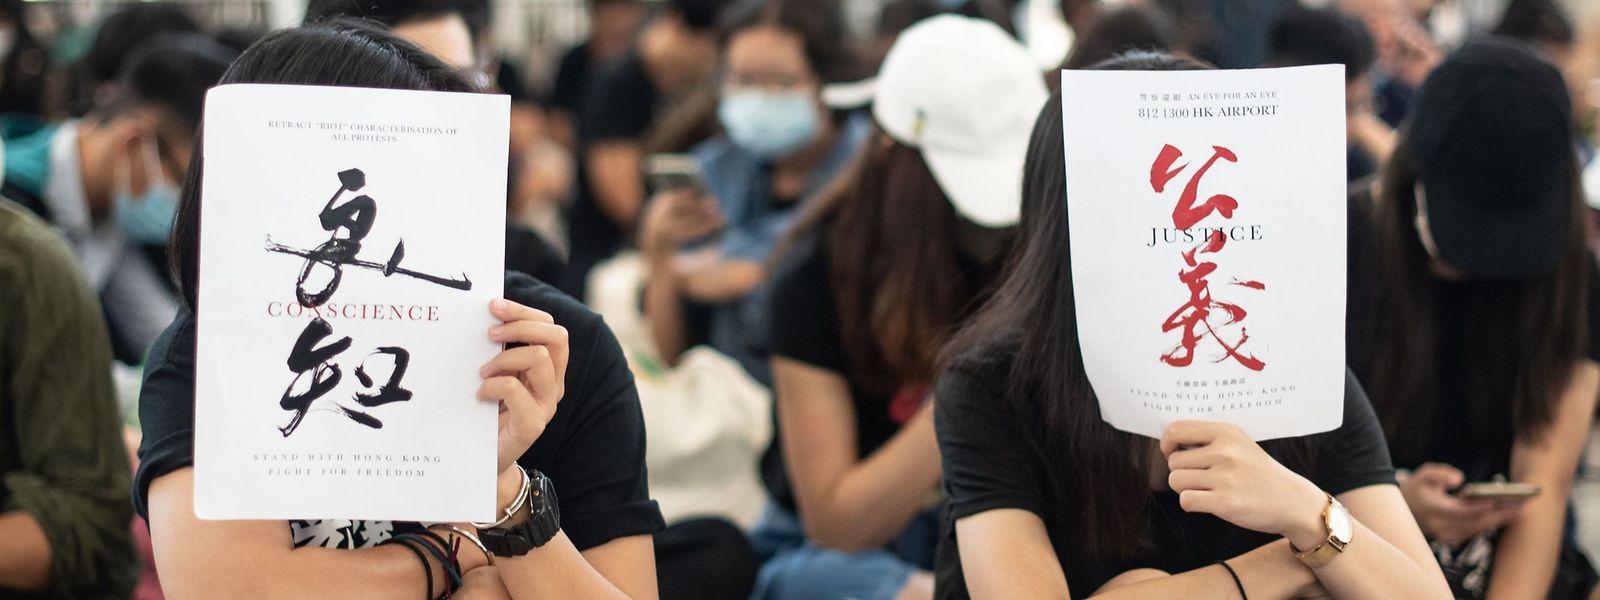 Les tensions et violences observées ces dernières semaines à Hong Kong constituent la plus importante crise politique de l'ancienne colonie britannique depuis 1997.